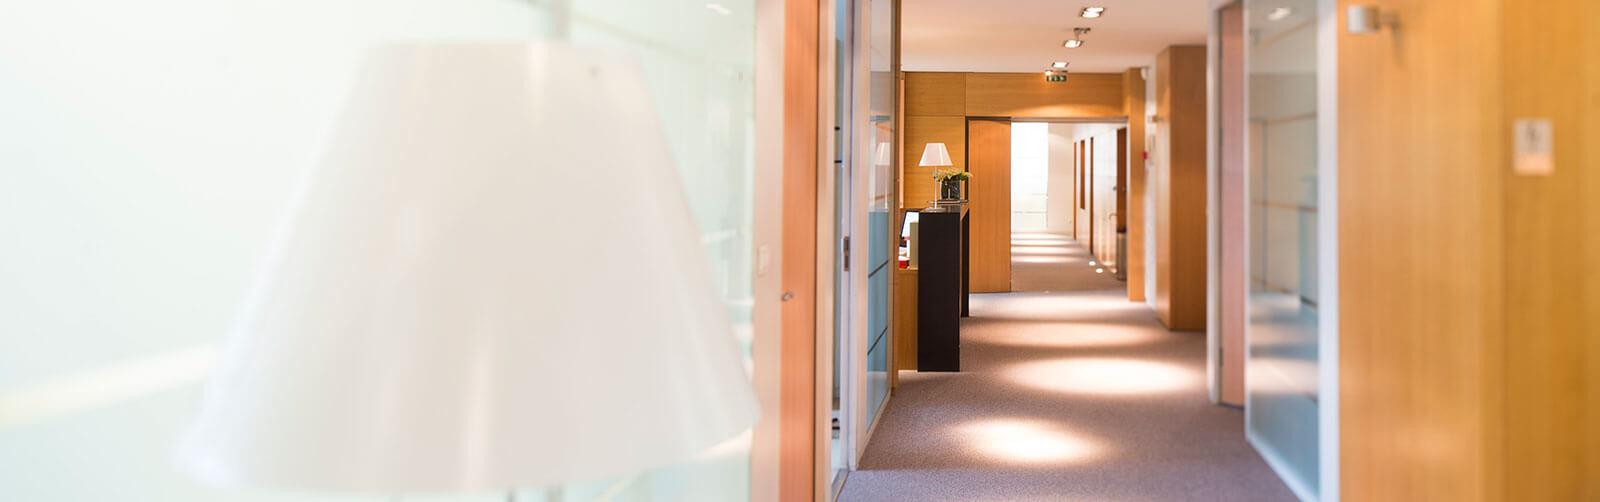 cabinet de conseil lyon comment mettre en place les en entreprise lyon quel est le programme. Black Bedroom Furniture Sets. Home Design Ideas